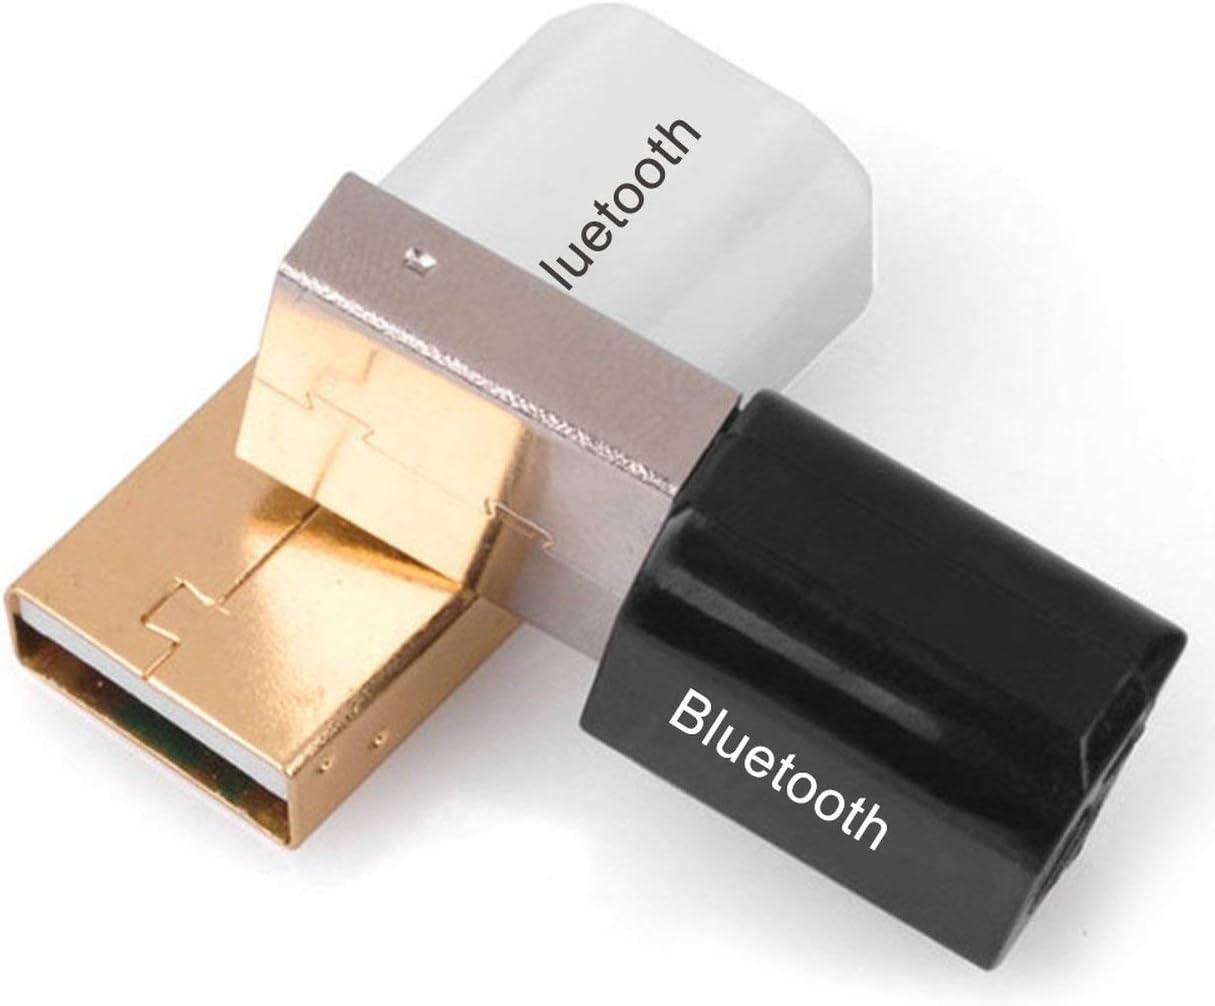 couleur: noir FHJZXDGHNXFGH Adaptateur Bluetooth mini USB V4.0 R/écepteur de musique son de dongle Bluetooth